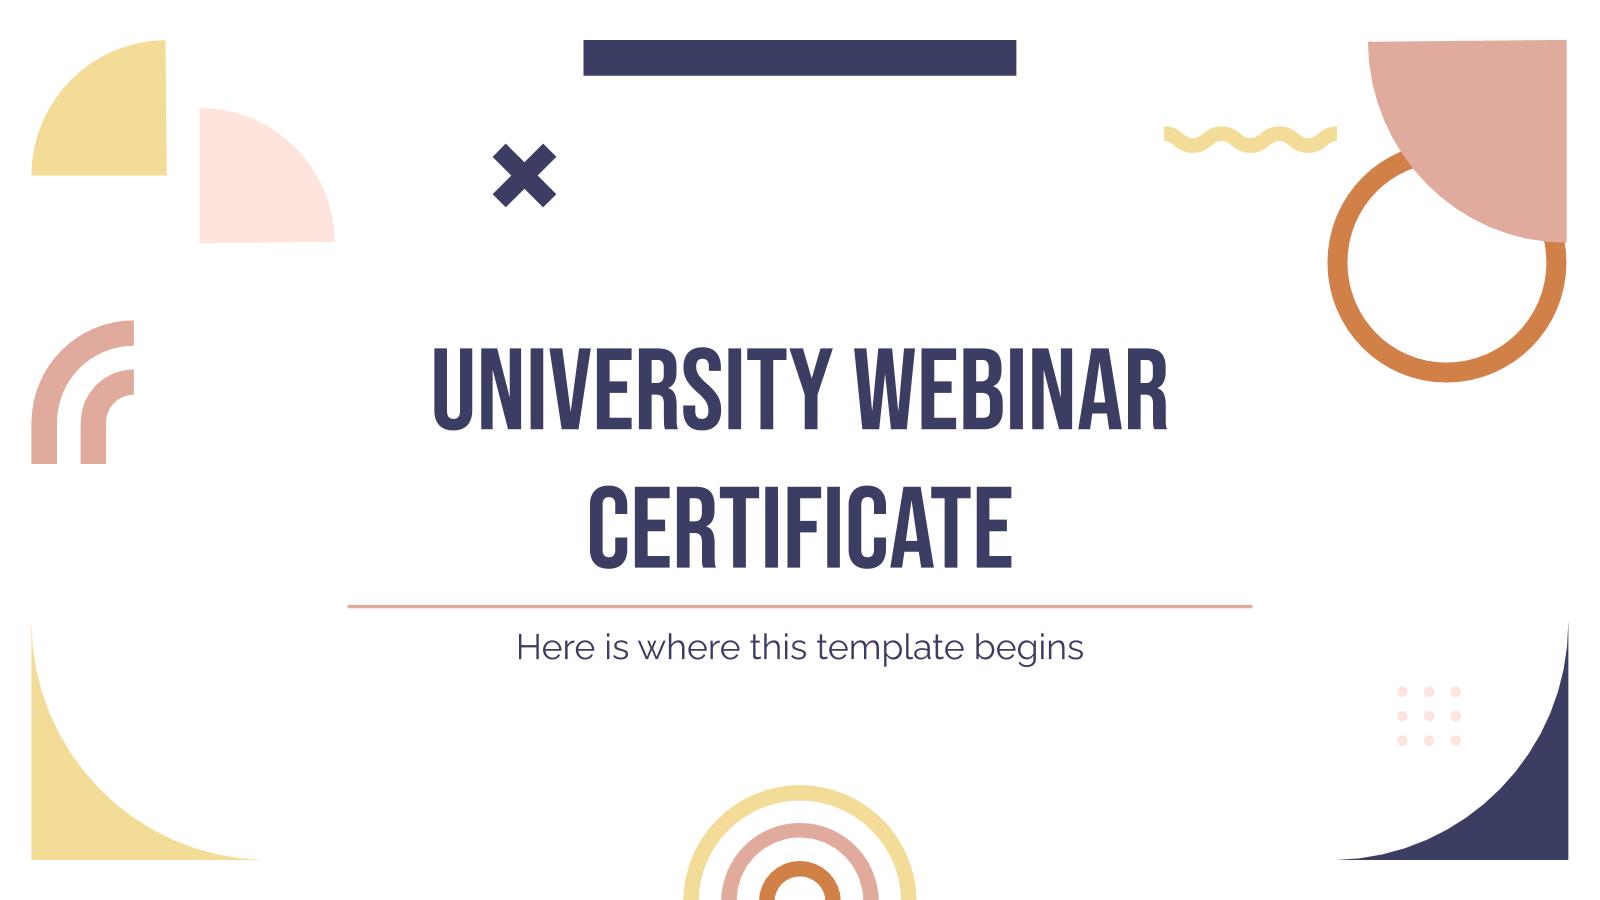 Plantilla de presentación Certificados para seminarios web